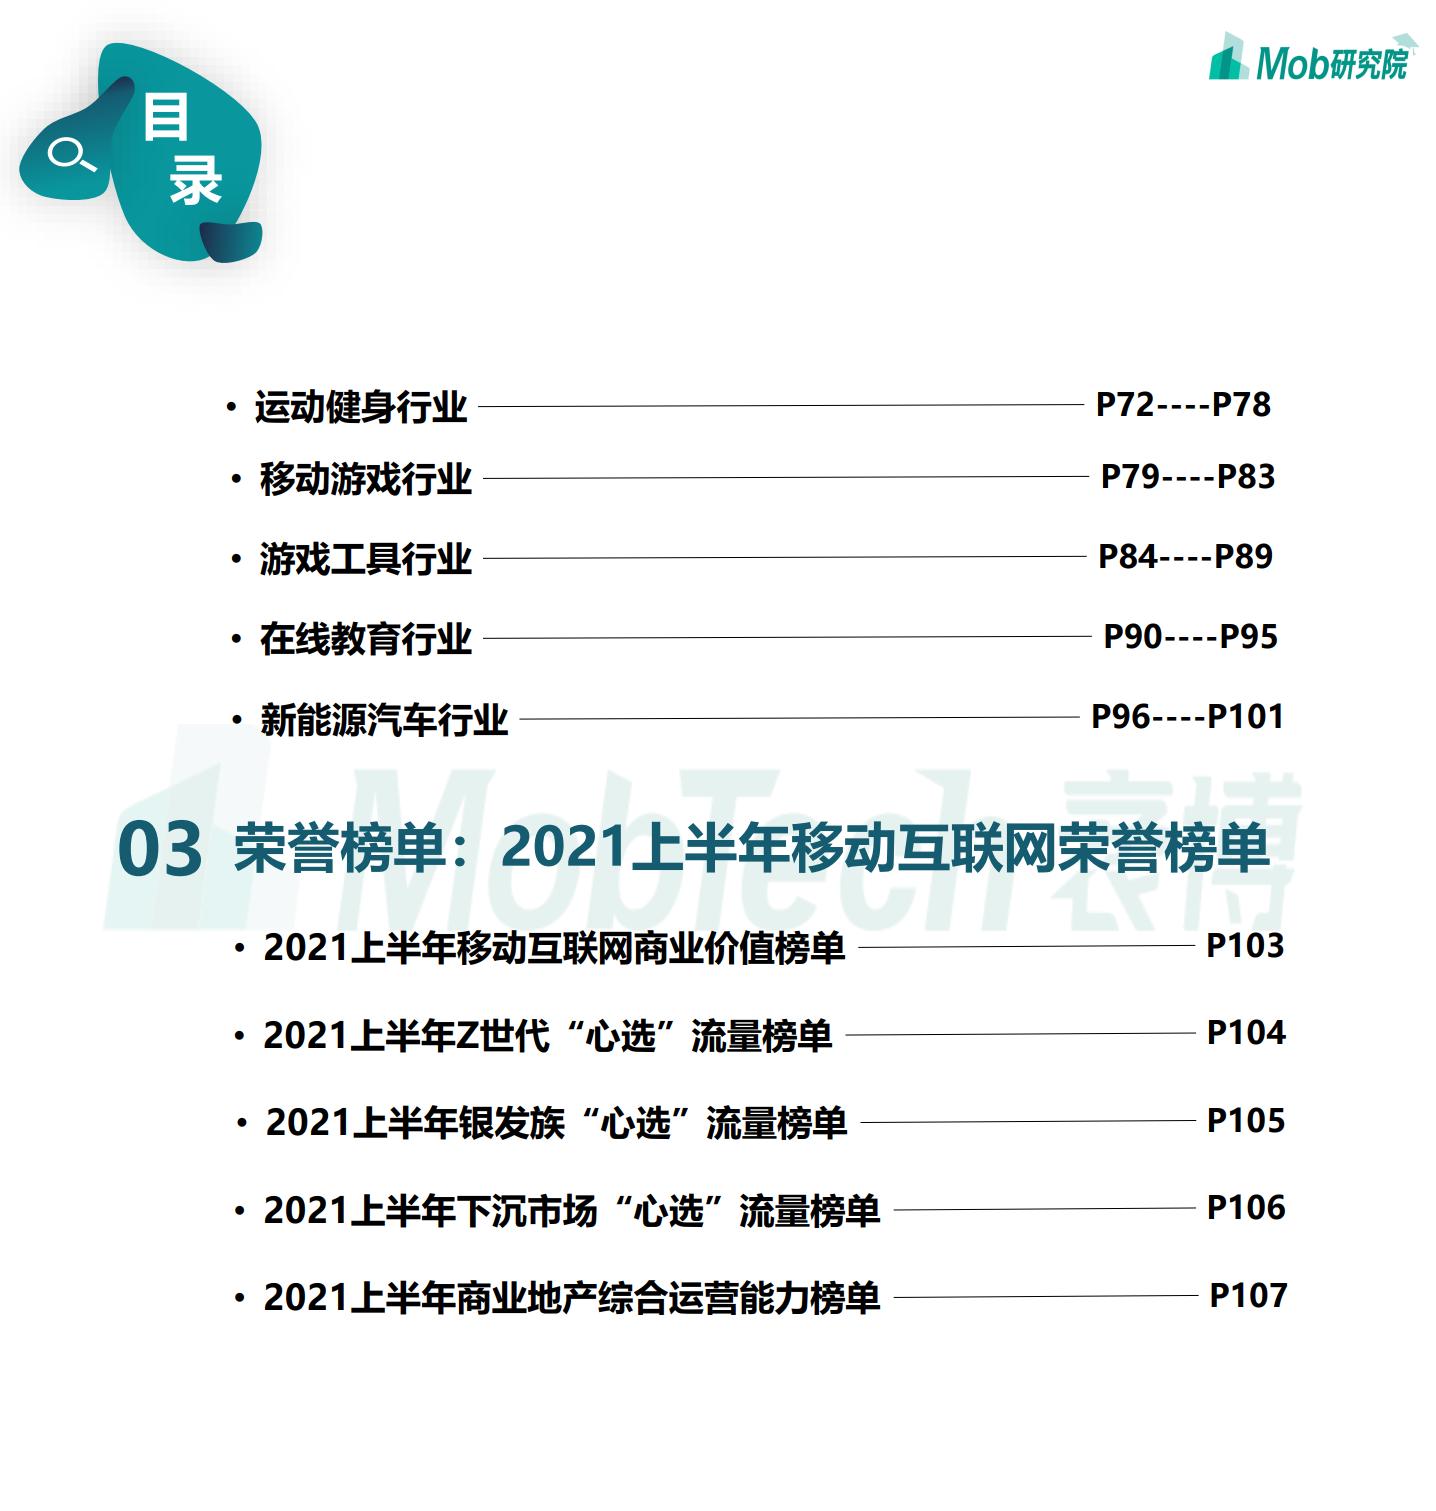 2021年中国移动互联网半年度大报告插图4